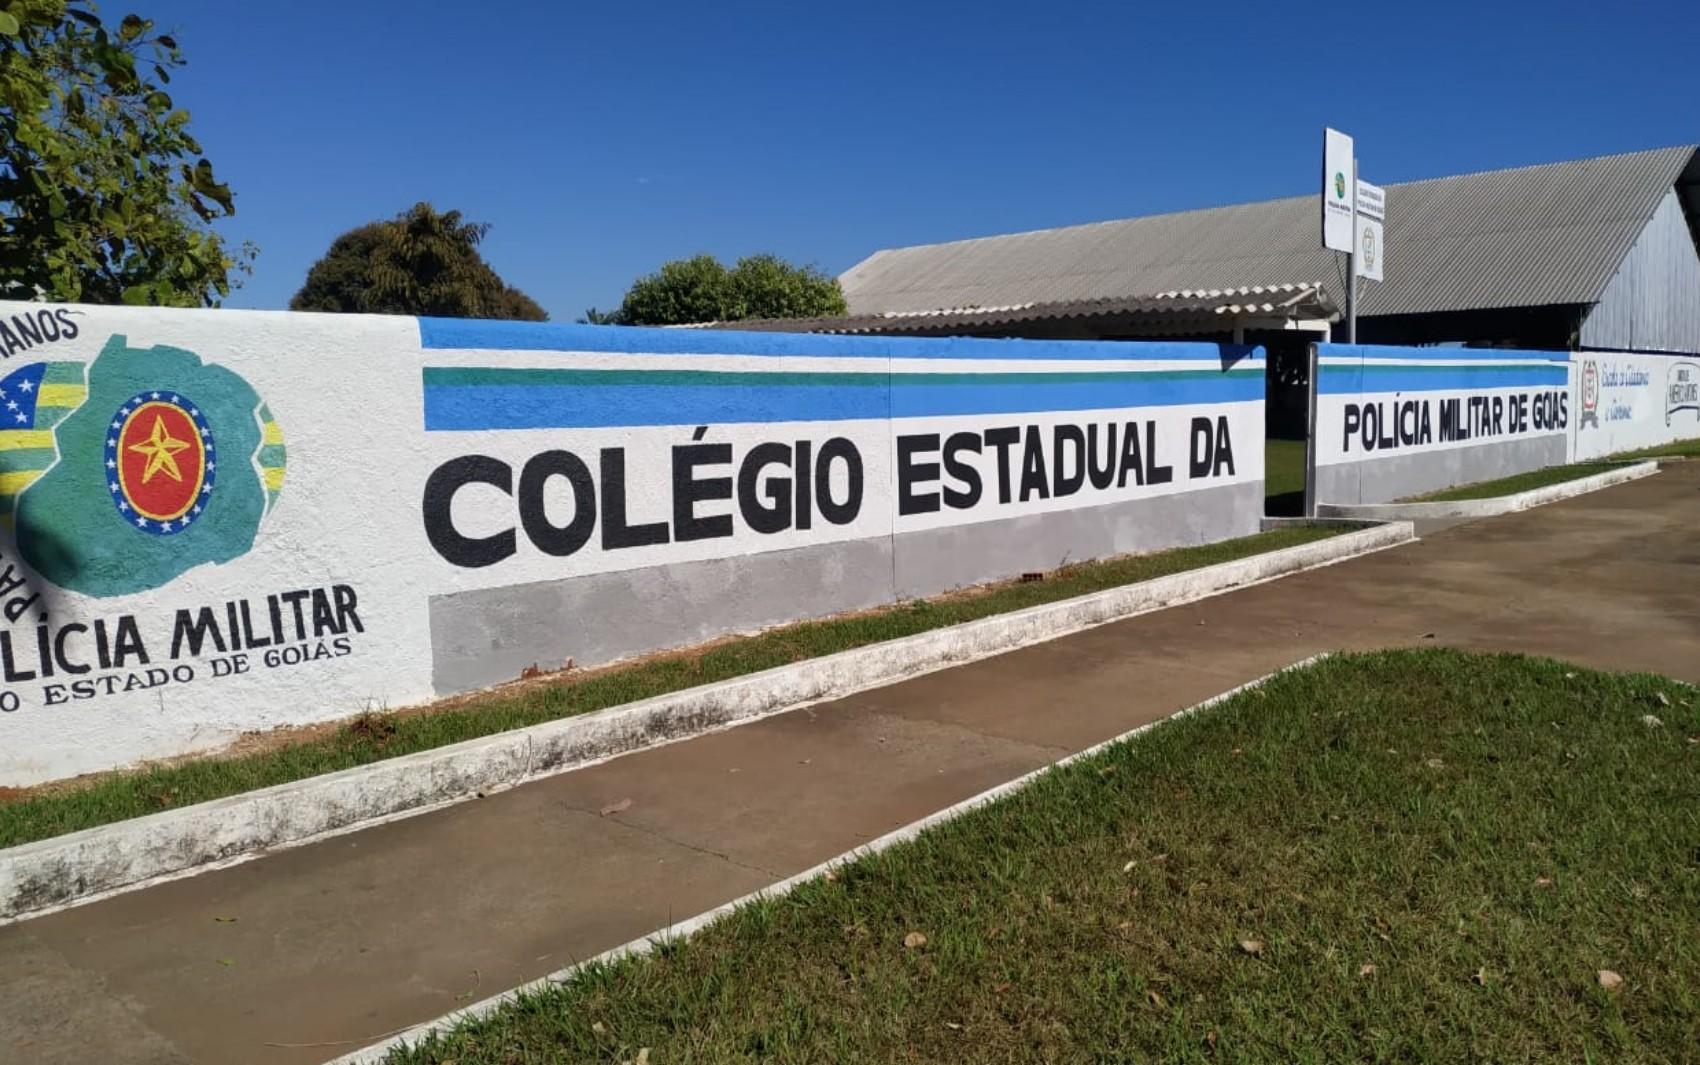 Colégios militares abrem inscrições para o sorteio de mais de 8,5 mil vagas, em Goiás